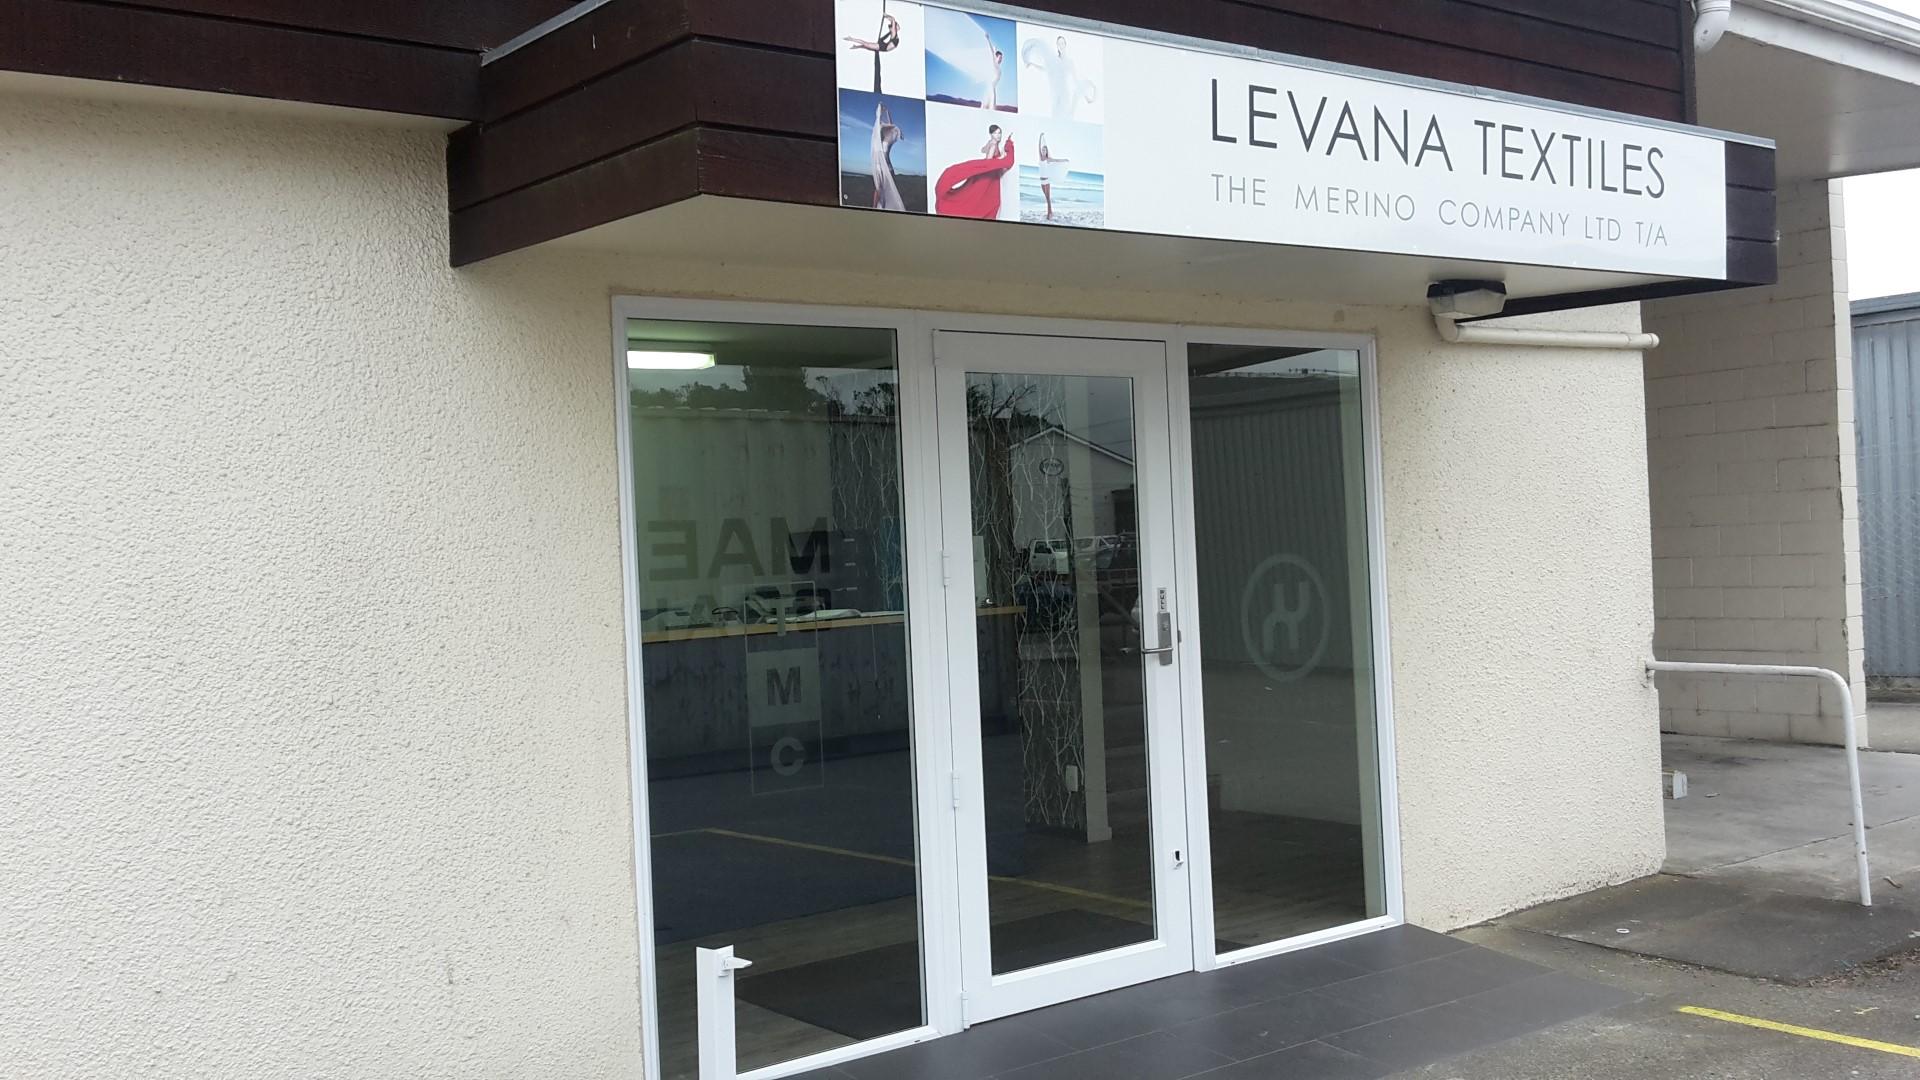 Levana Textiles